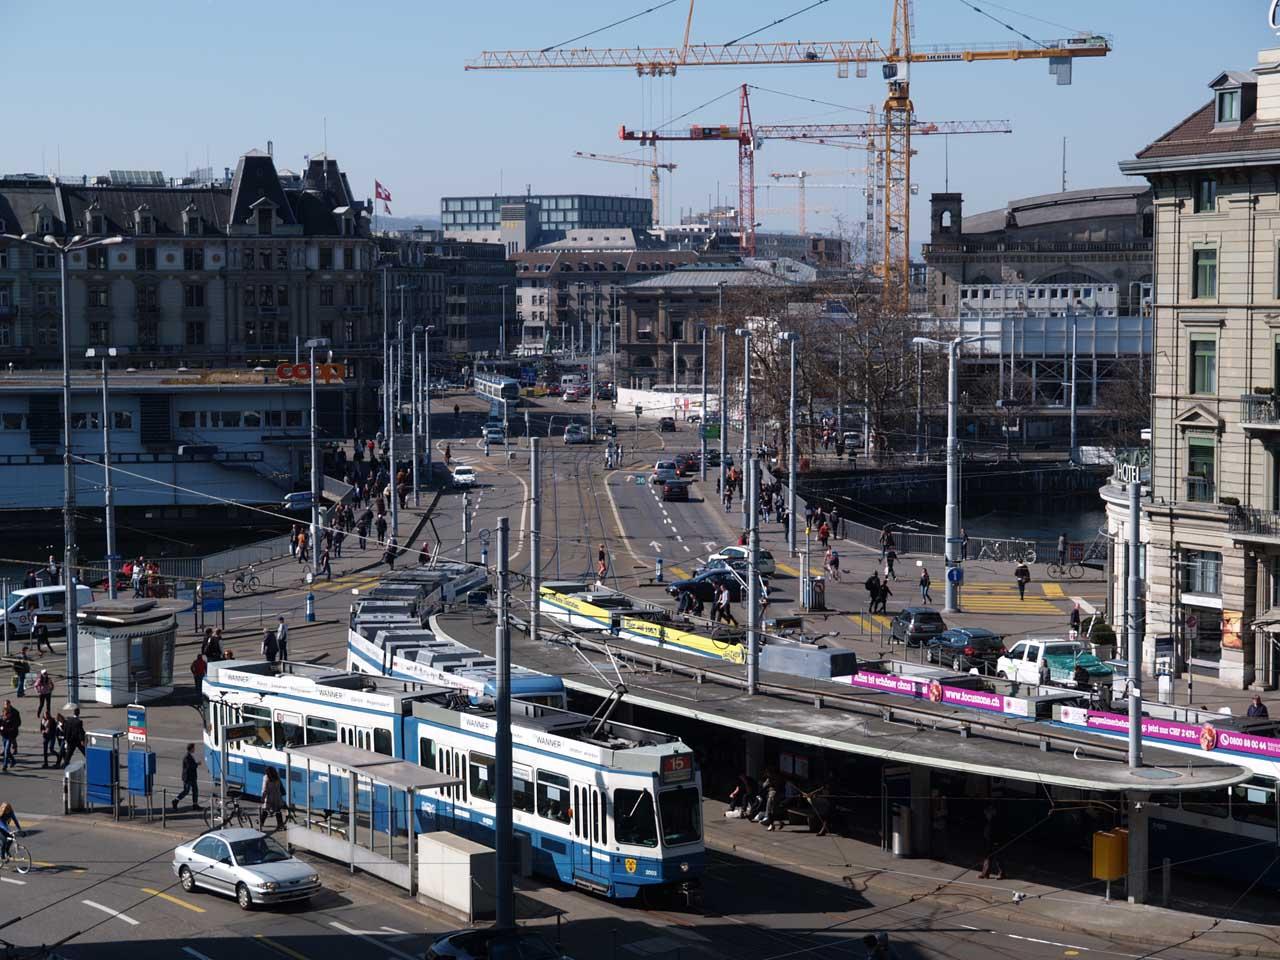 橋の向こう側右手にチューリッヒ中央駅が見える。20億CHFを投じた新線建設(9.6km)のため、駅にはクレーンが林立している、2012.03.16. © Matsuda Masahiro